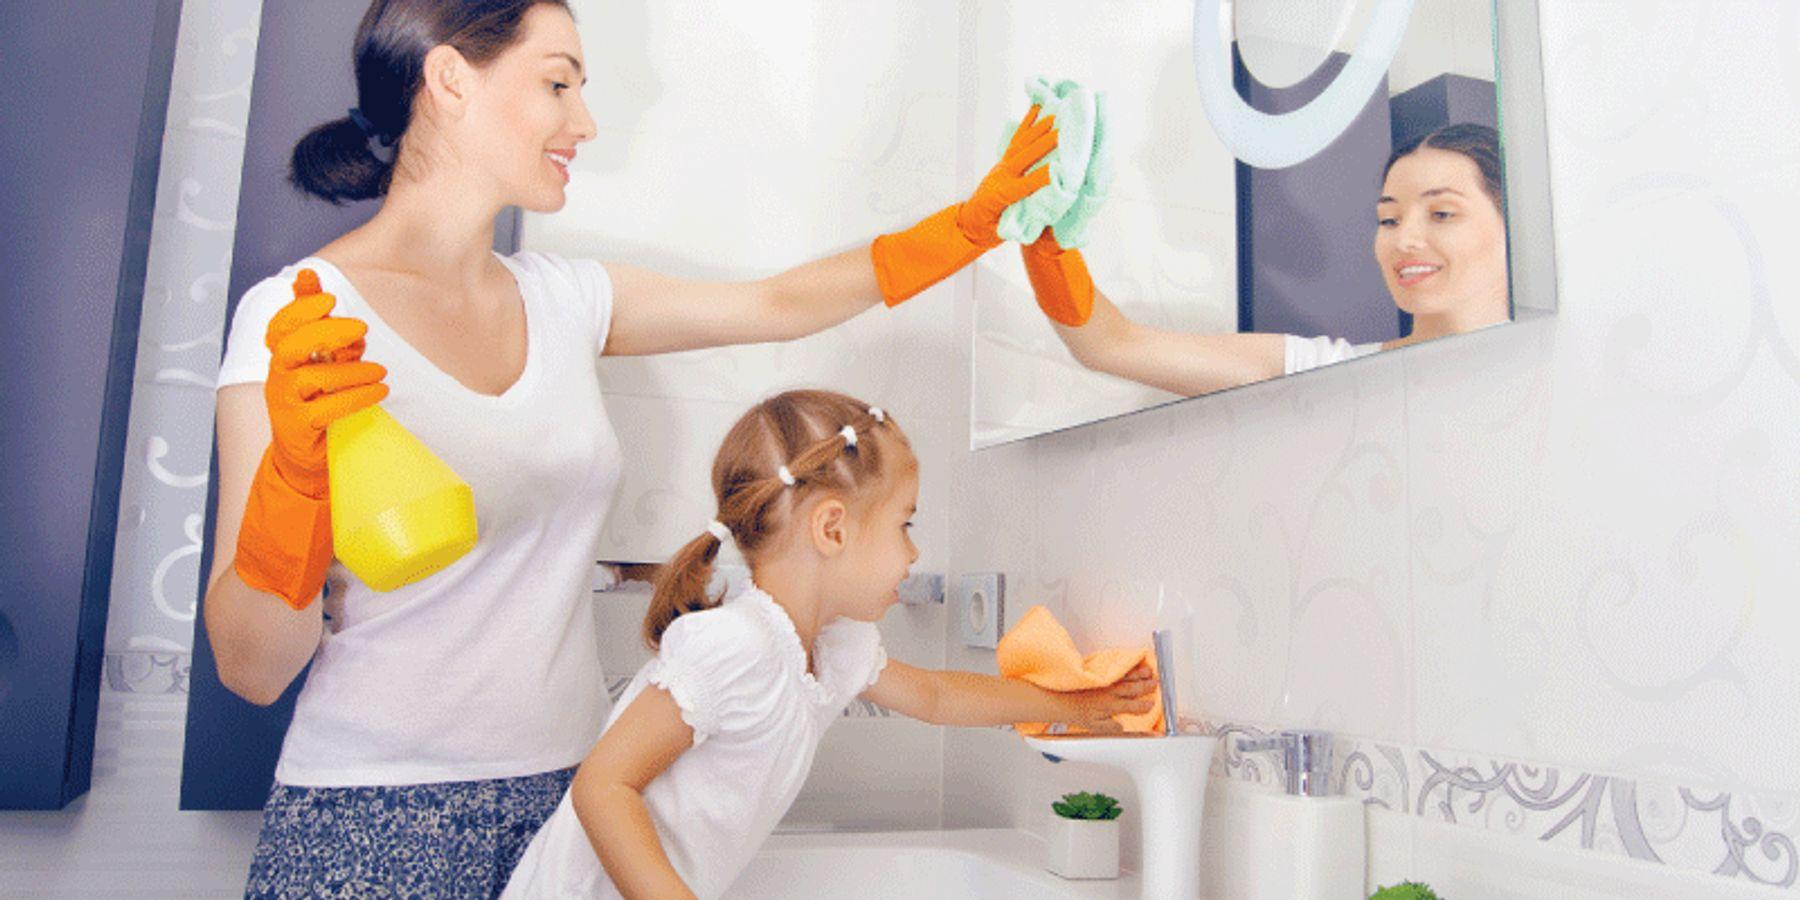 Xử lý sạch khu vực rửa mặt, gương soi